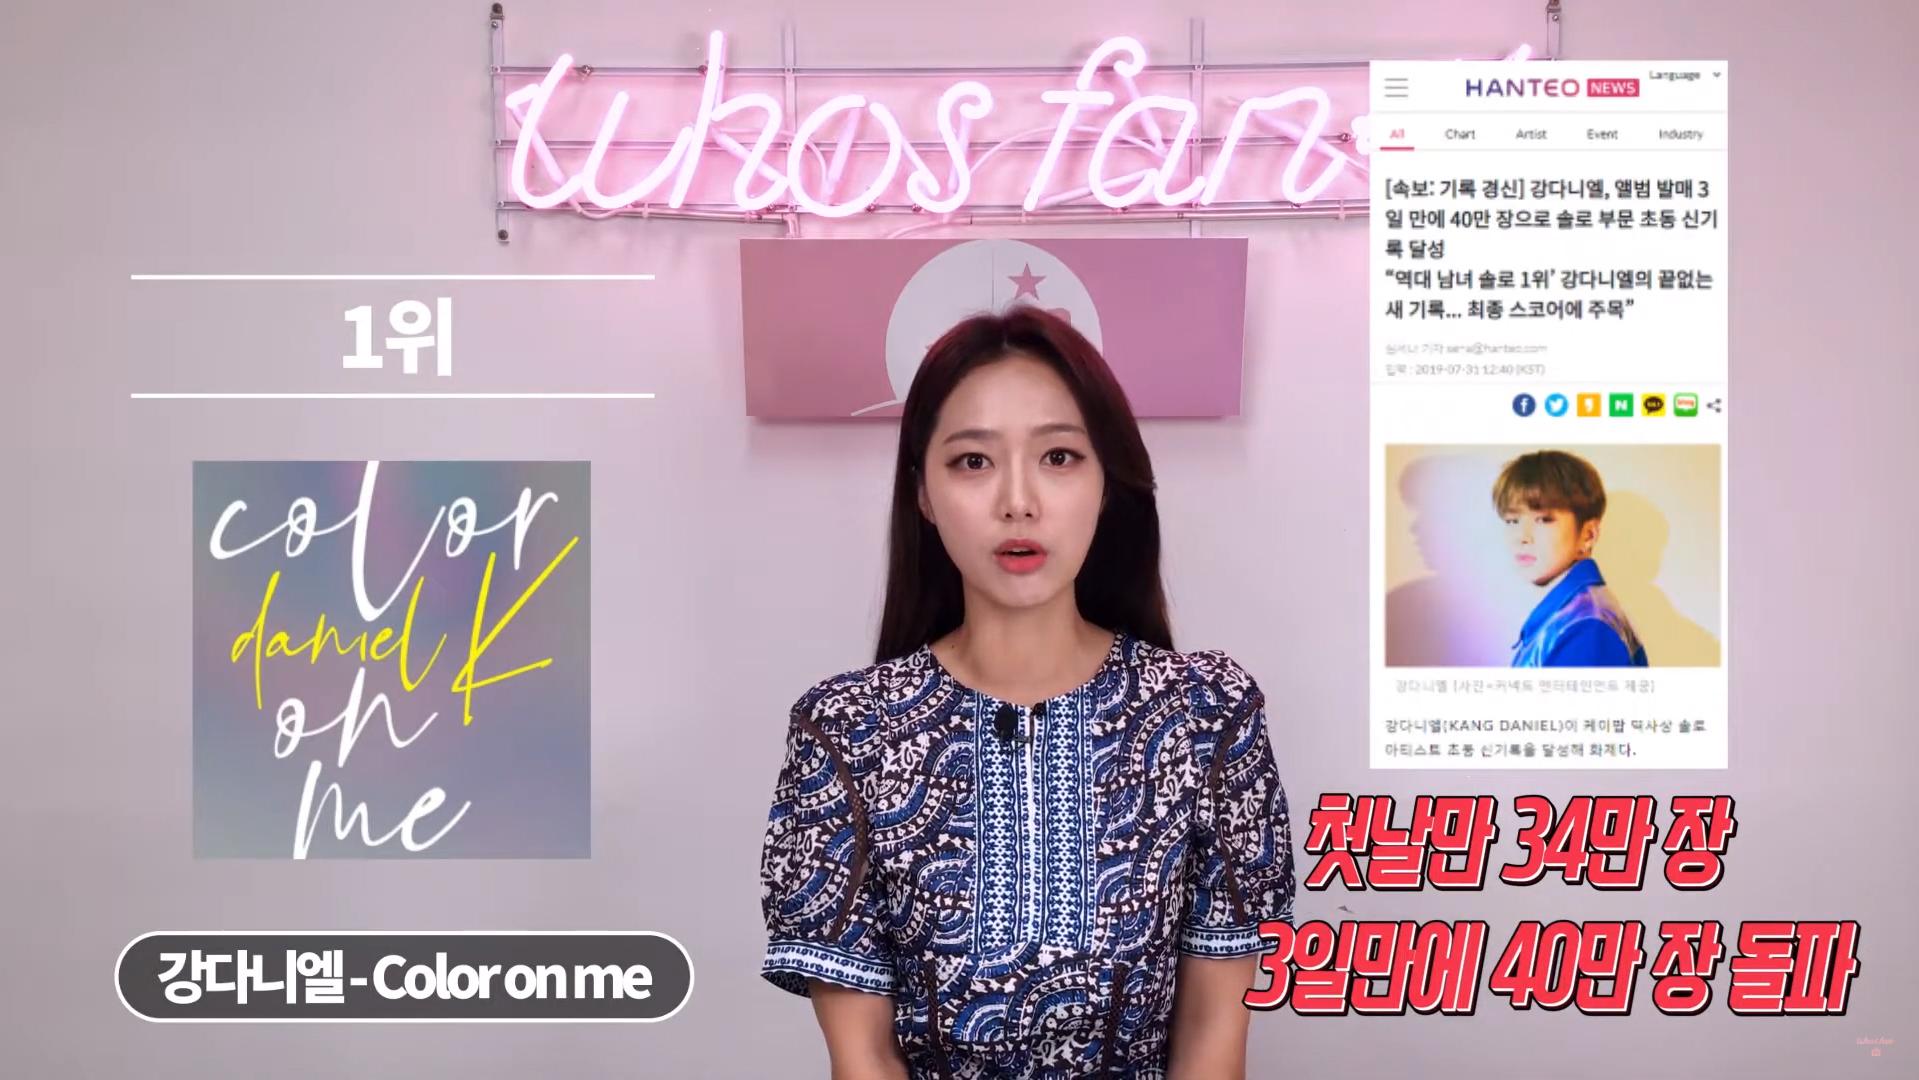 WhosfanTV] 1st Week of August K-Pop Weekly Physical Album